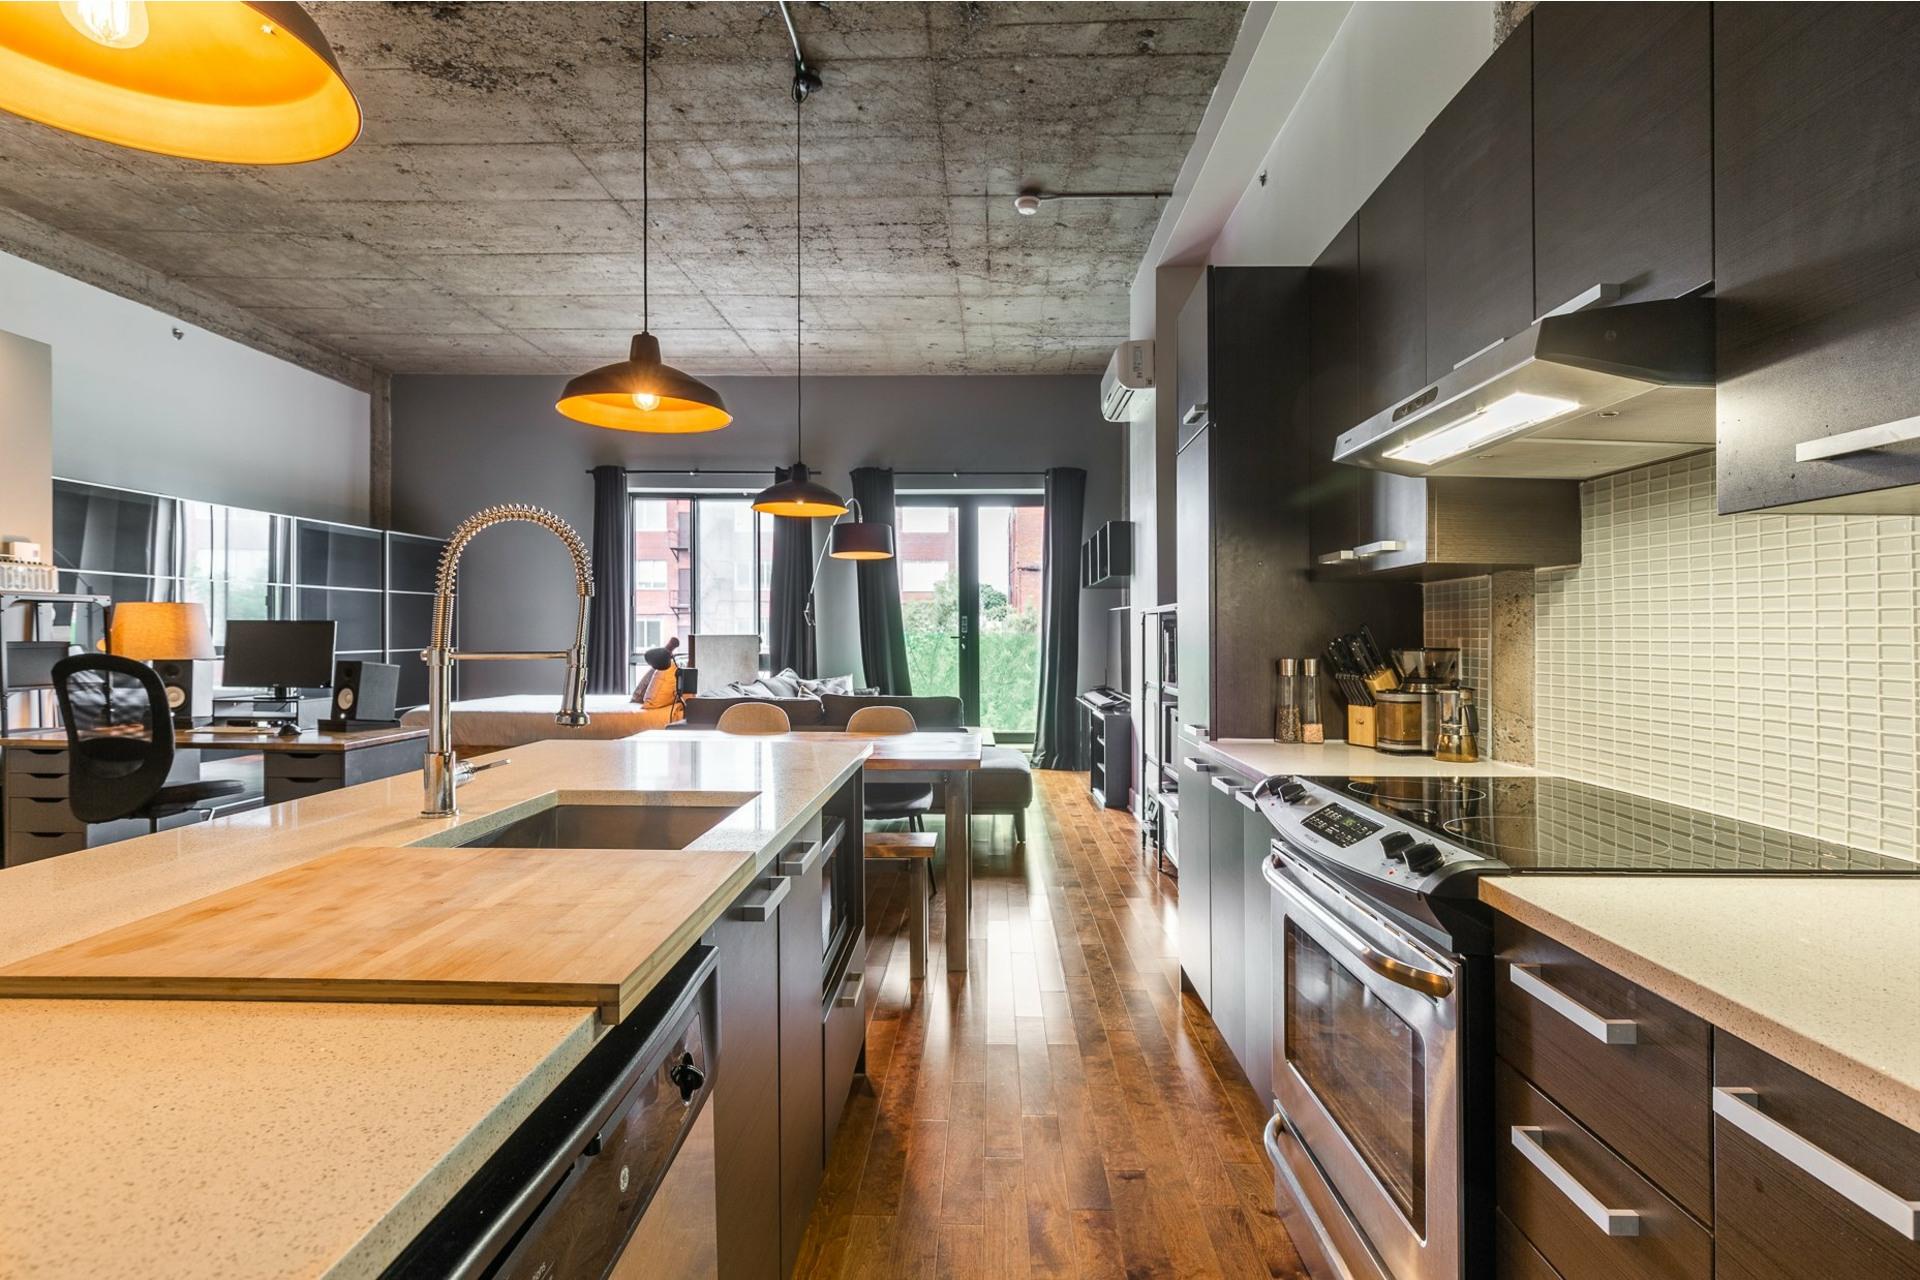 image 8 - Appartement À vendre Villeray/Saint-Michel/Parc-Extension Montréal  - 1 pièce